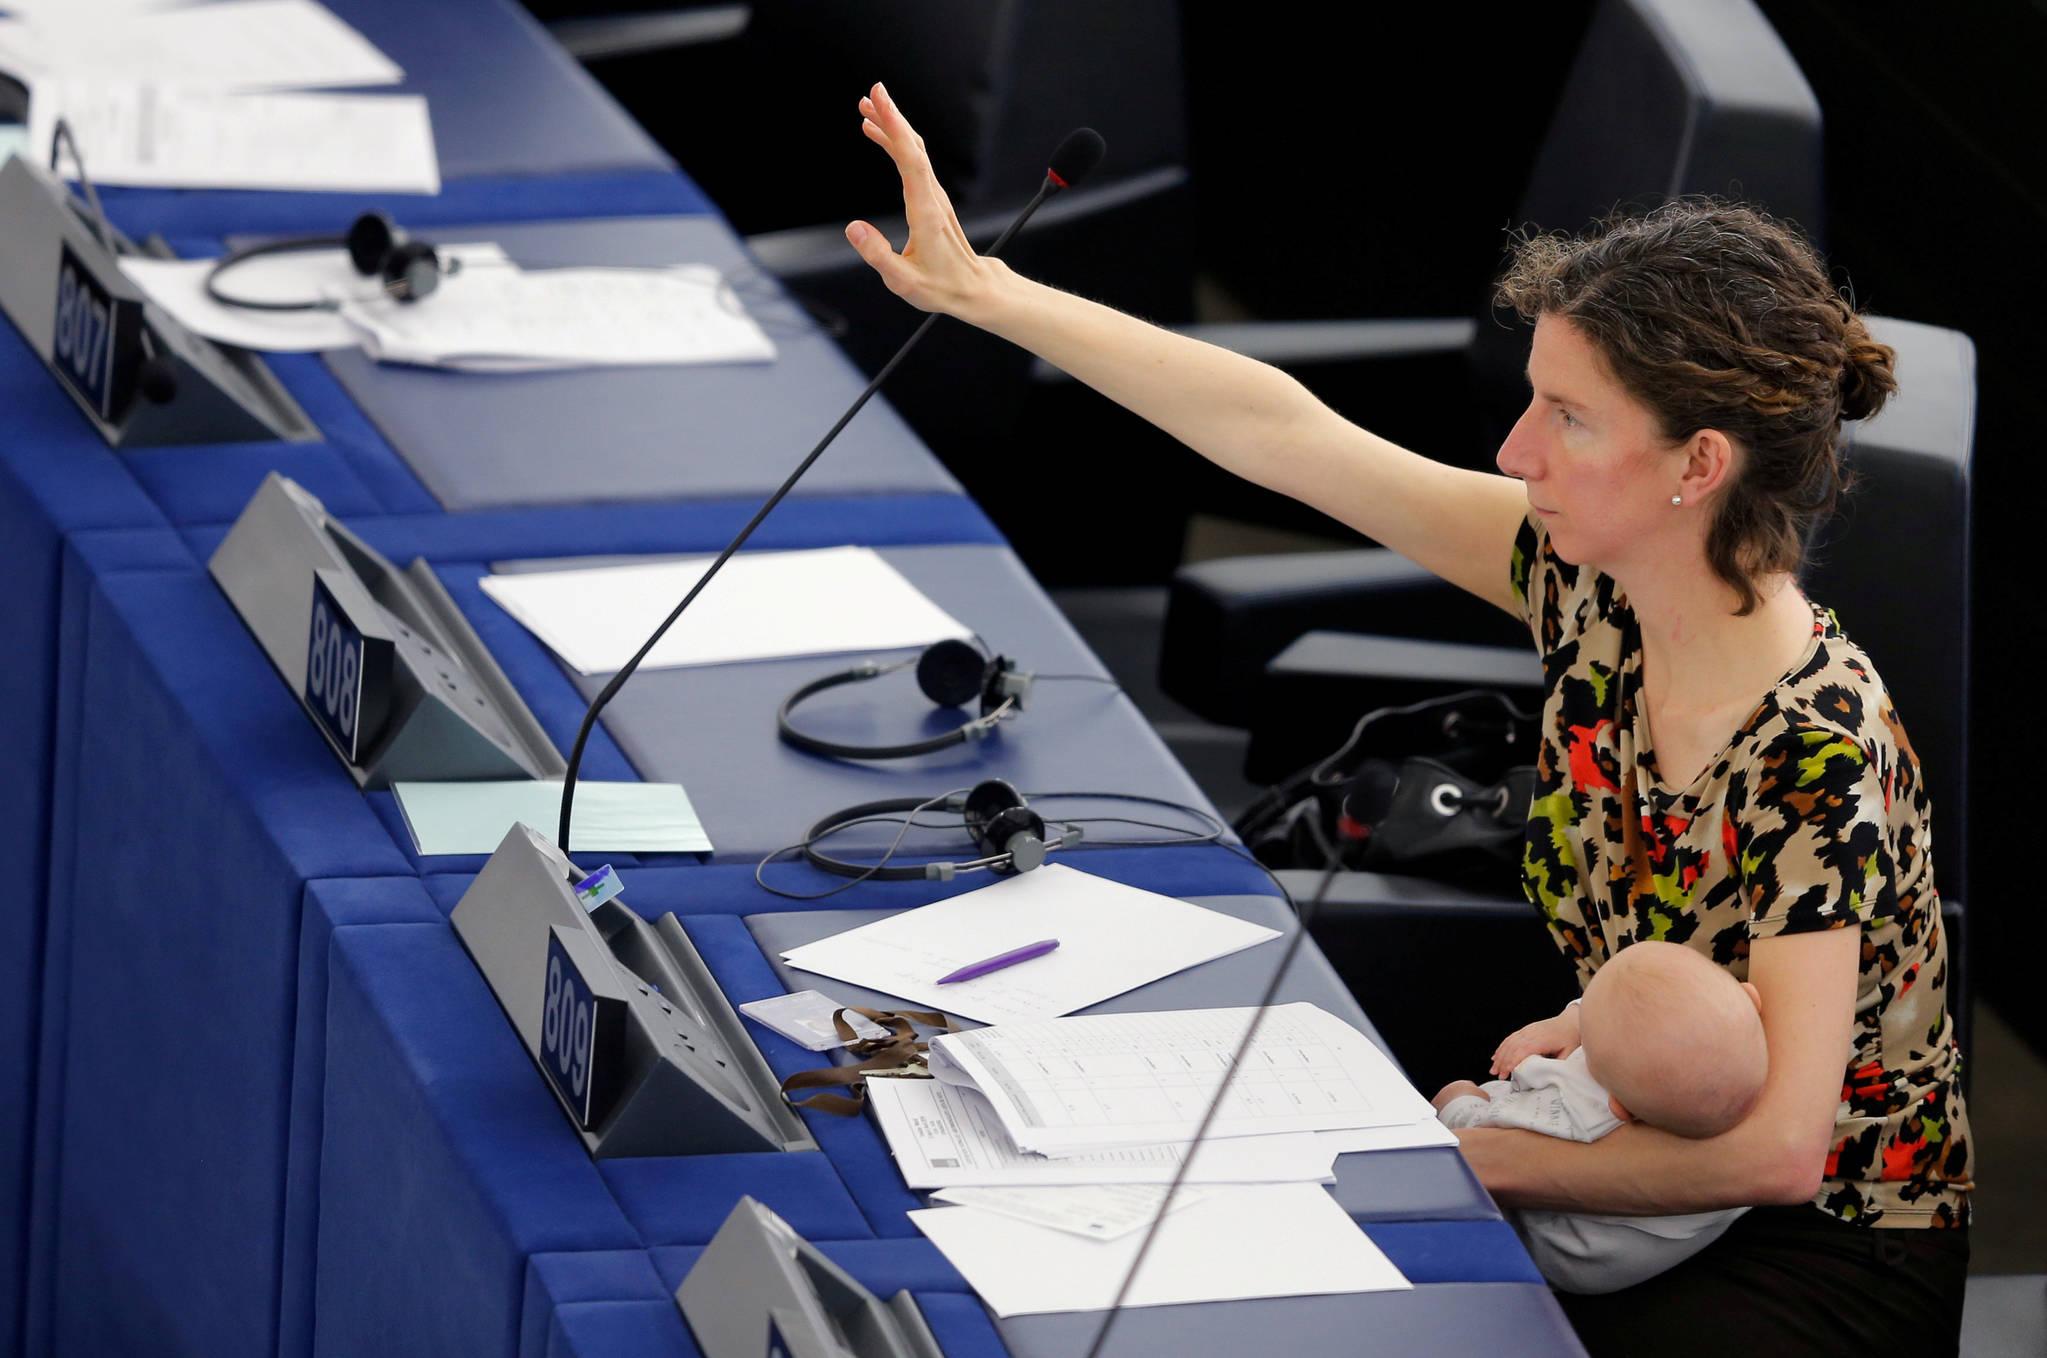 지난 2016년 4월 14일 프랑스 스트라스버그에서 열린 유럽의회에서 영국 노동당 소속의 여성 의원 안넬리제 도즈(Anneliese Dodds)가 손을 들고 표결하고 있다. 그의 품에는 생후 4개월 된 딸, 이사벨라가 안겨있다. [로이터=연합뉴스]